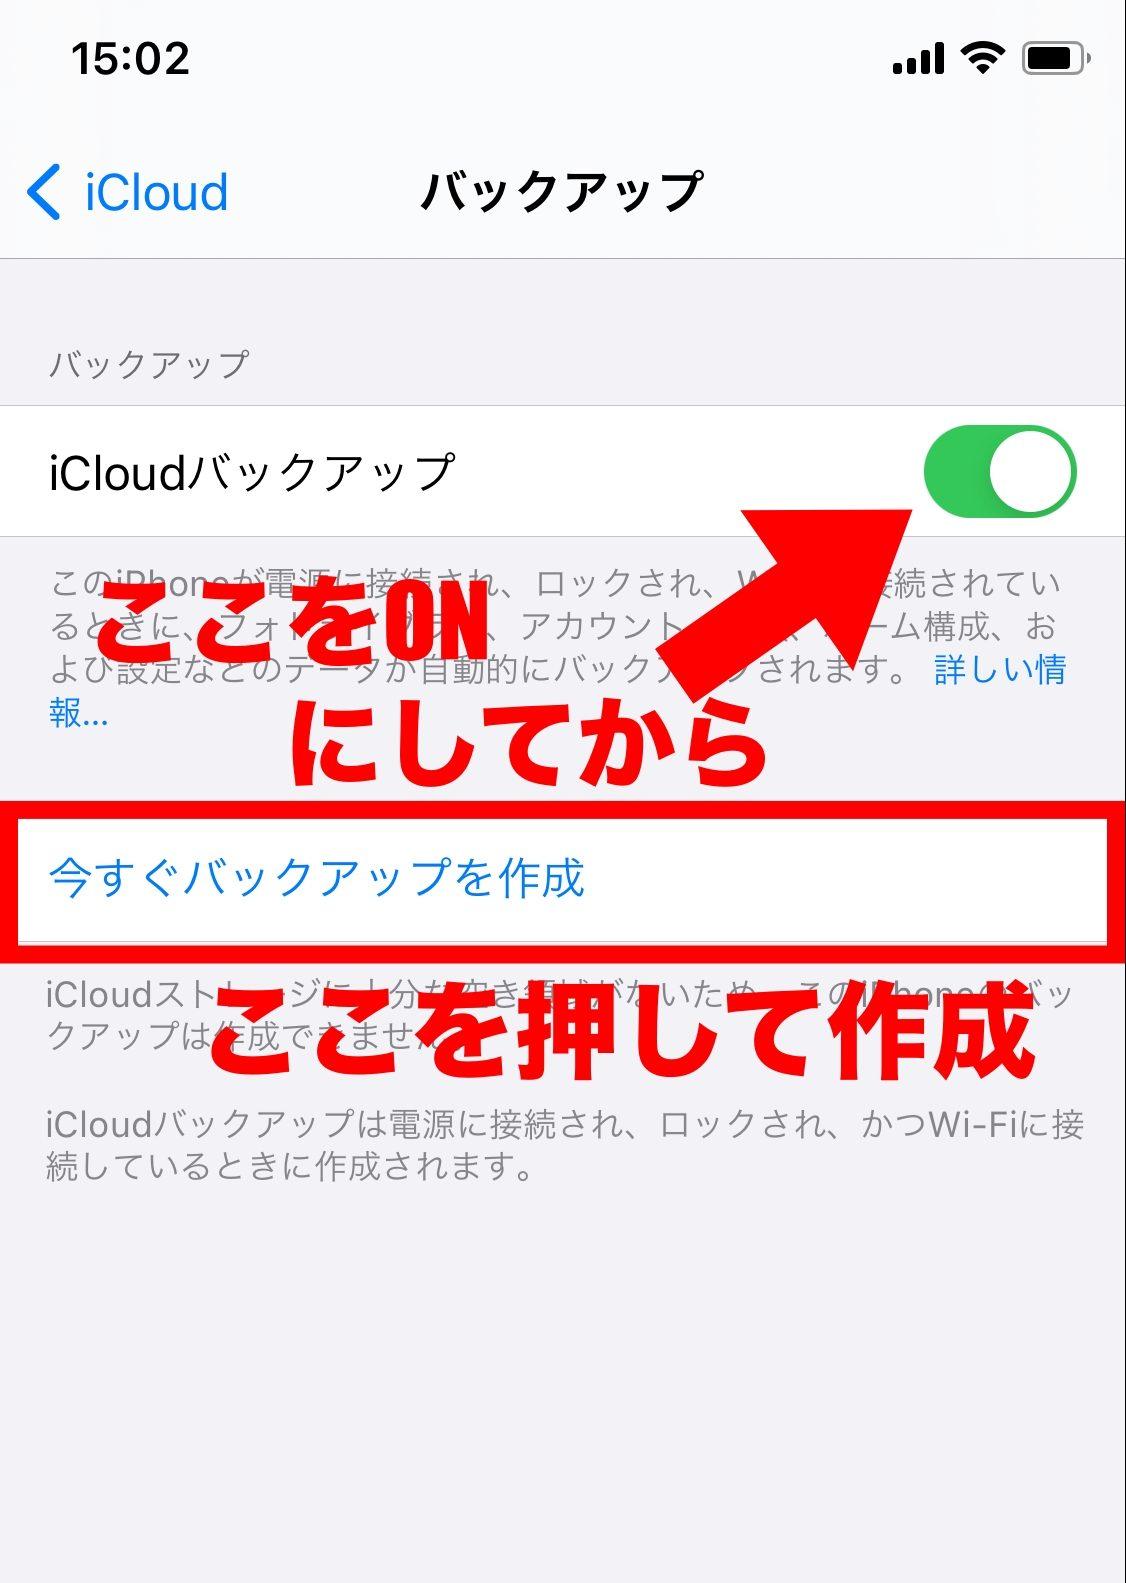 [iCloudバックアップ]をONにして[今すぐバックアップを作成]を選択、バックアップが作成されれば作業完了